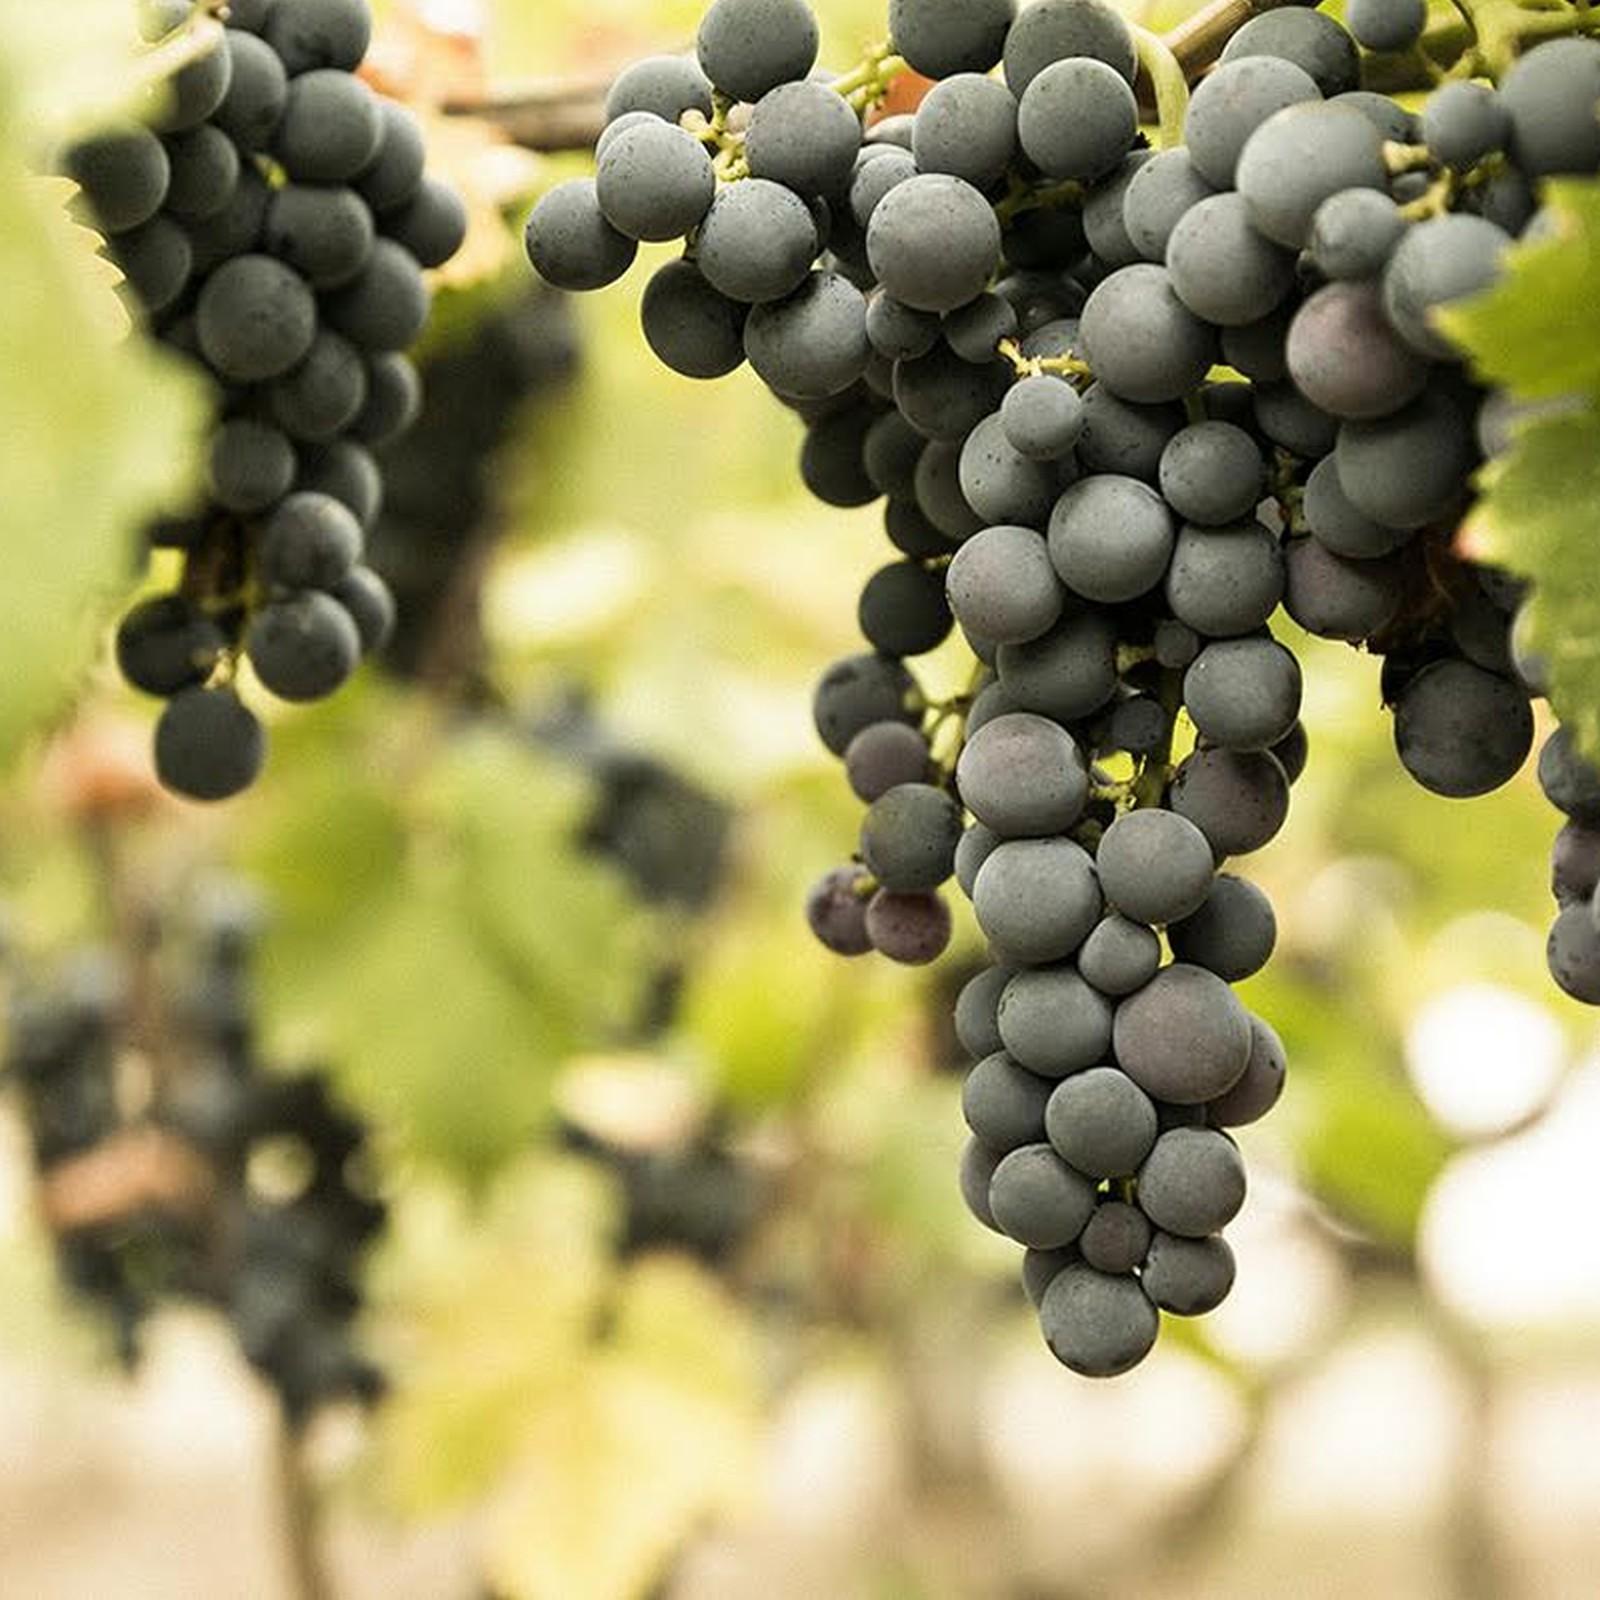 I migliori vini pugliesi: Nero di Troia, oltre il Primitivo e il Negromaro